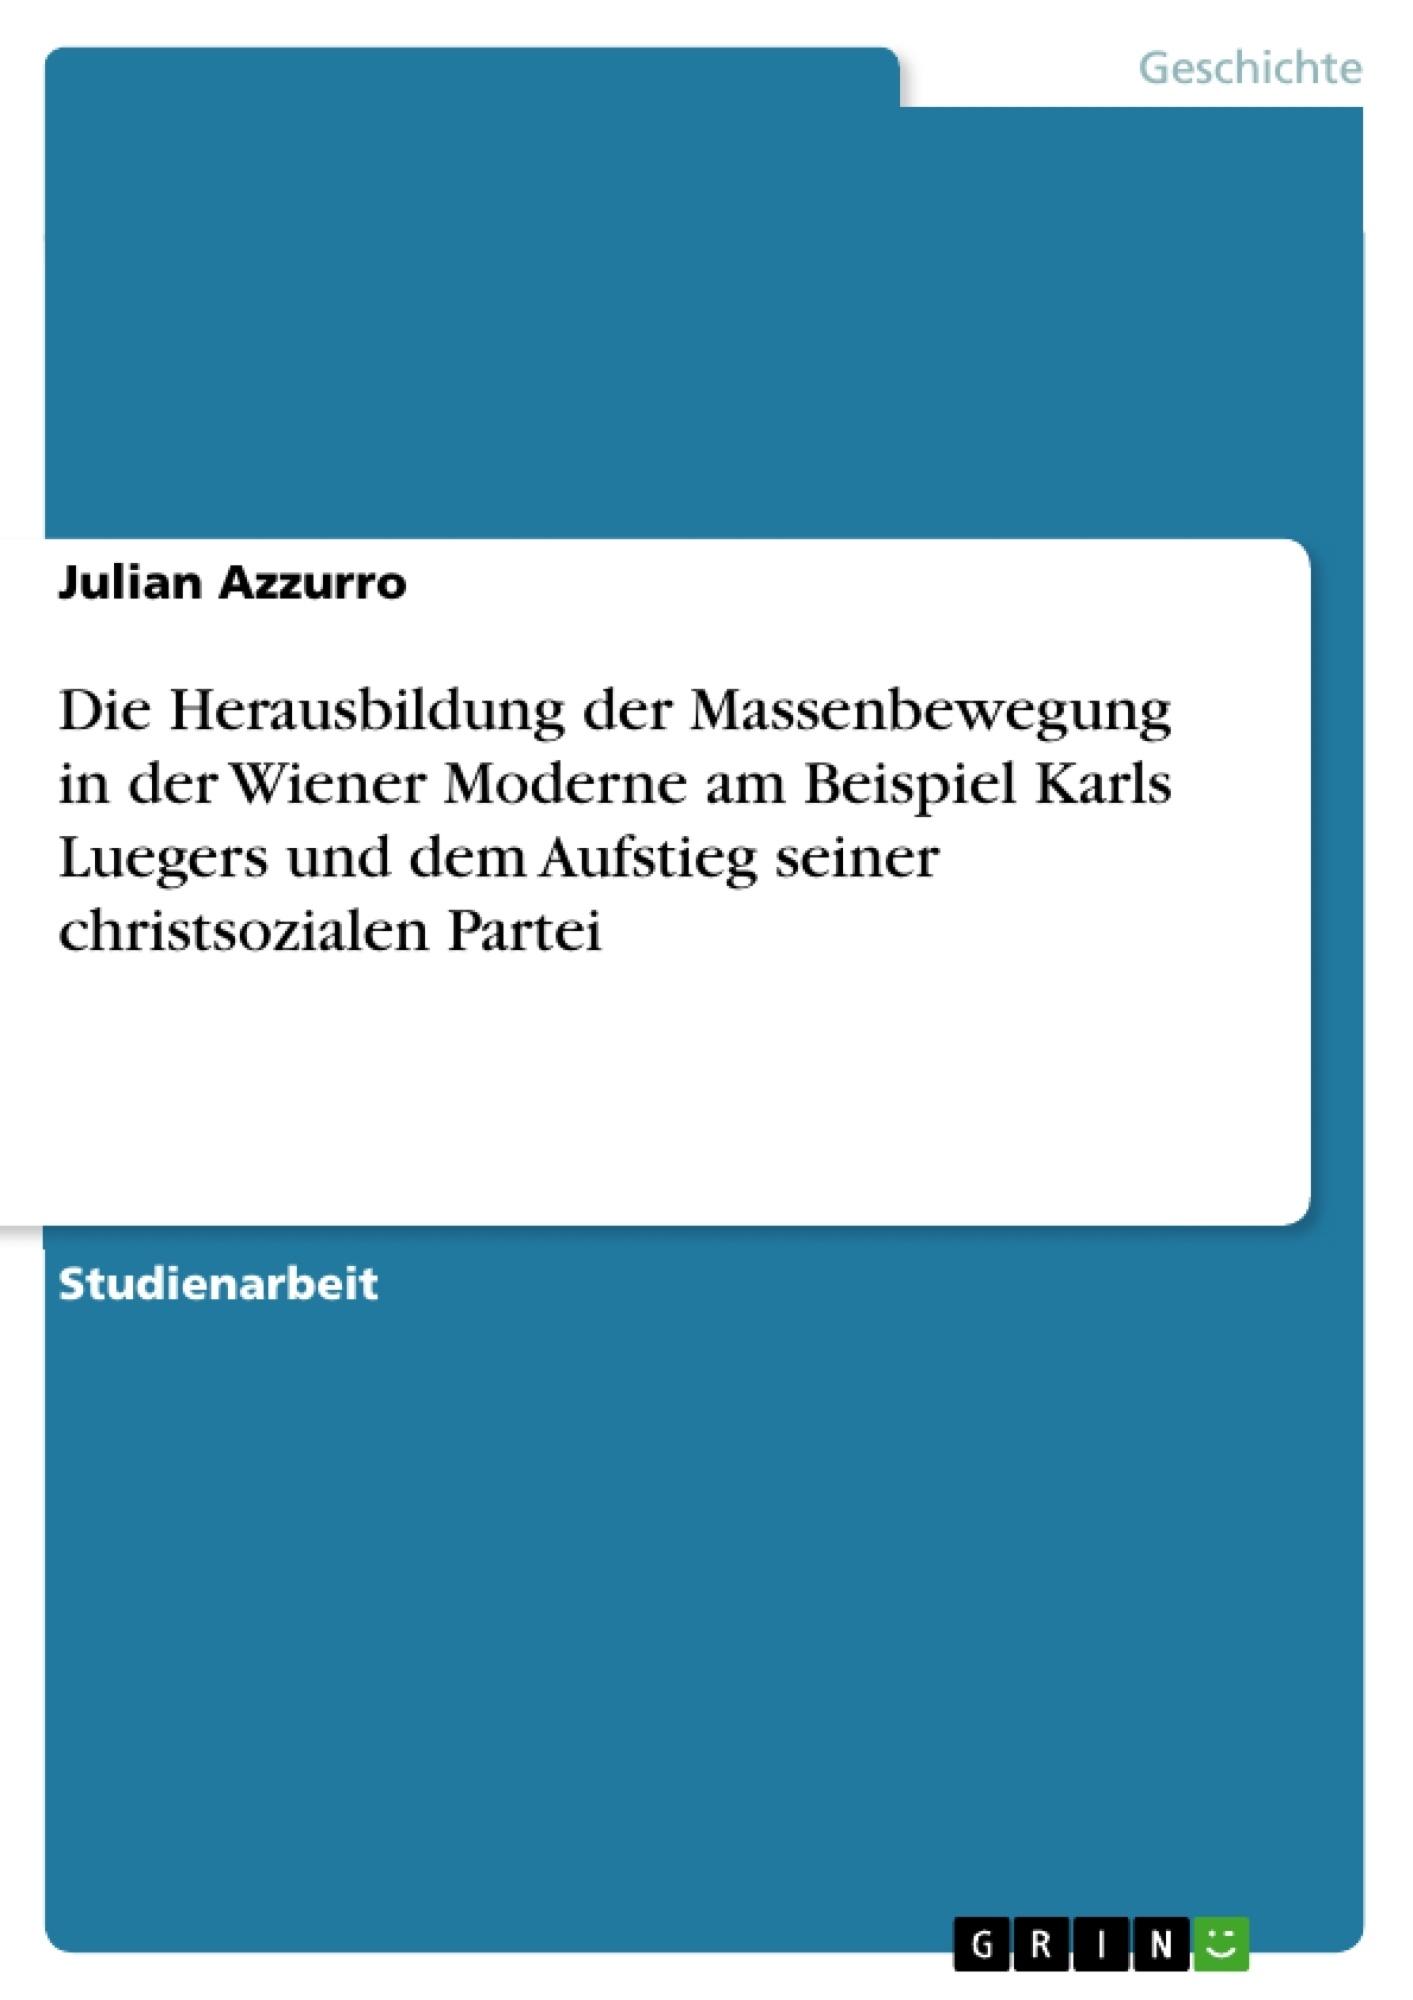 Titel: Die Herausbildung der Massenbewegung in der Wiener Moderne am Beispiel Karls Luegers und dem Aufstieg seiner christsozialen Partei